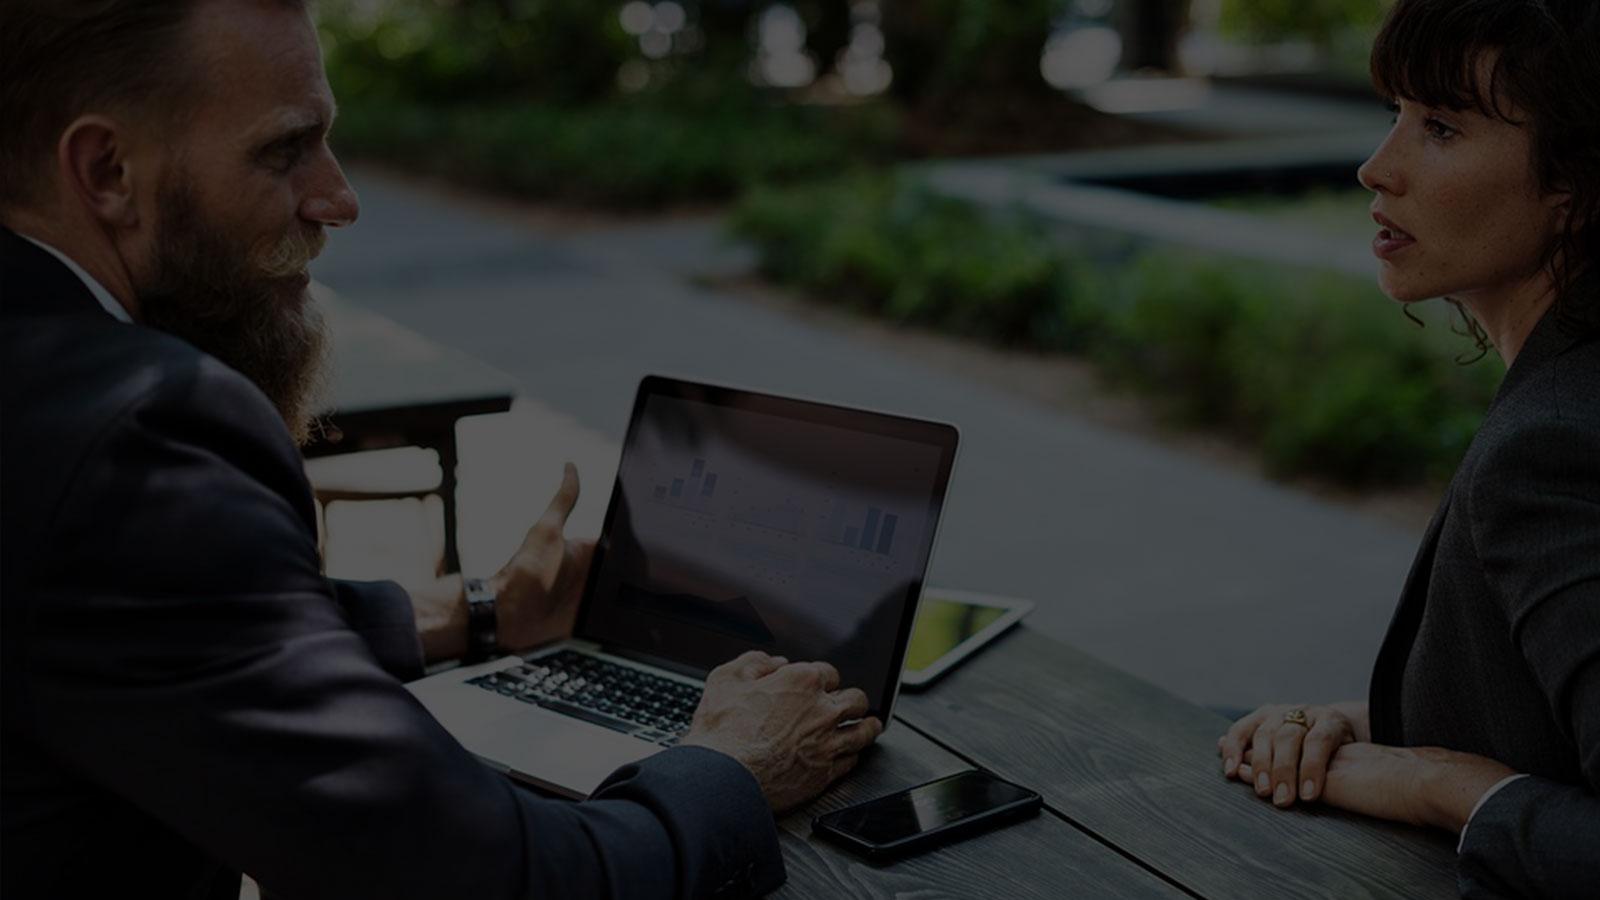 como aumentar a produtividade no trabalho com smartphones